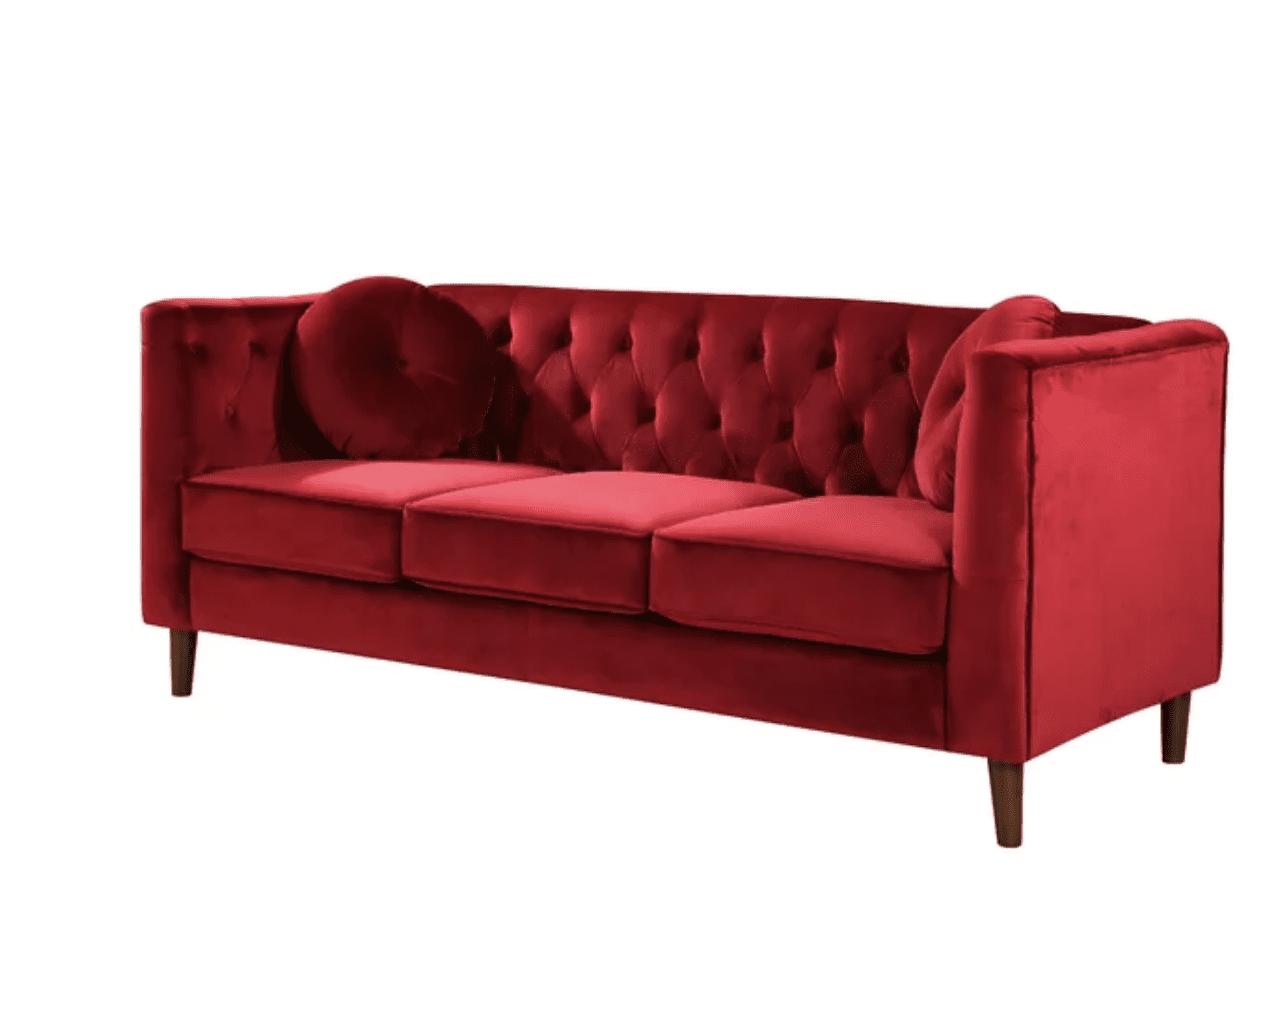 Everly Quinn sofa